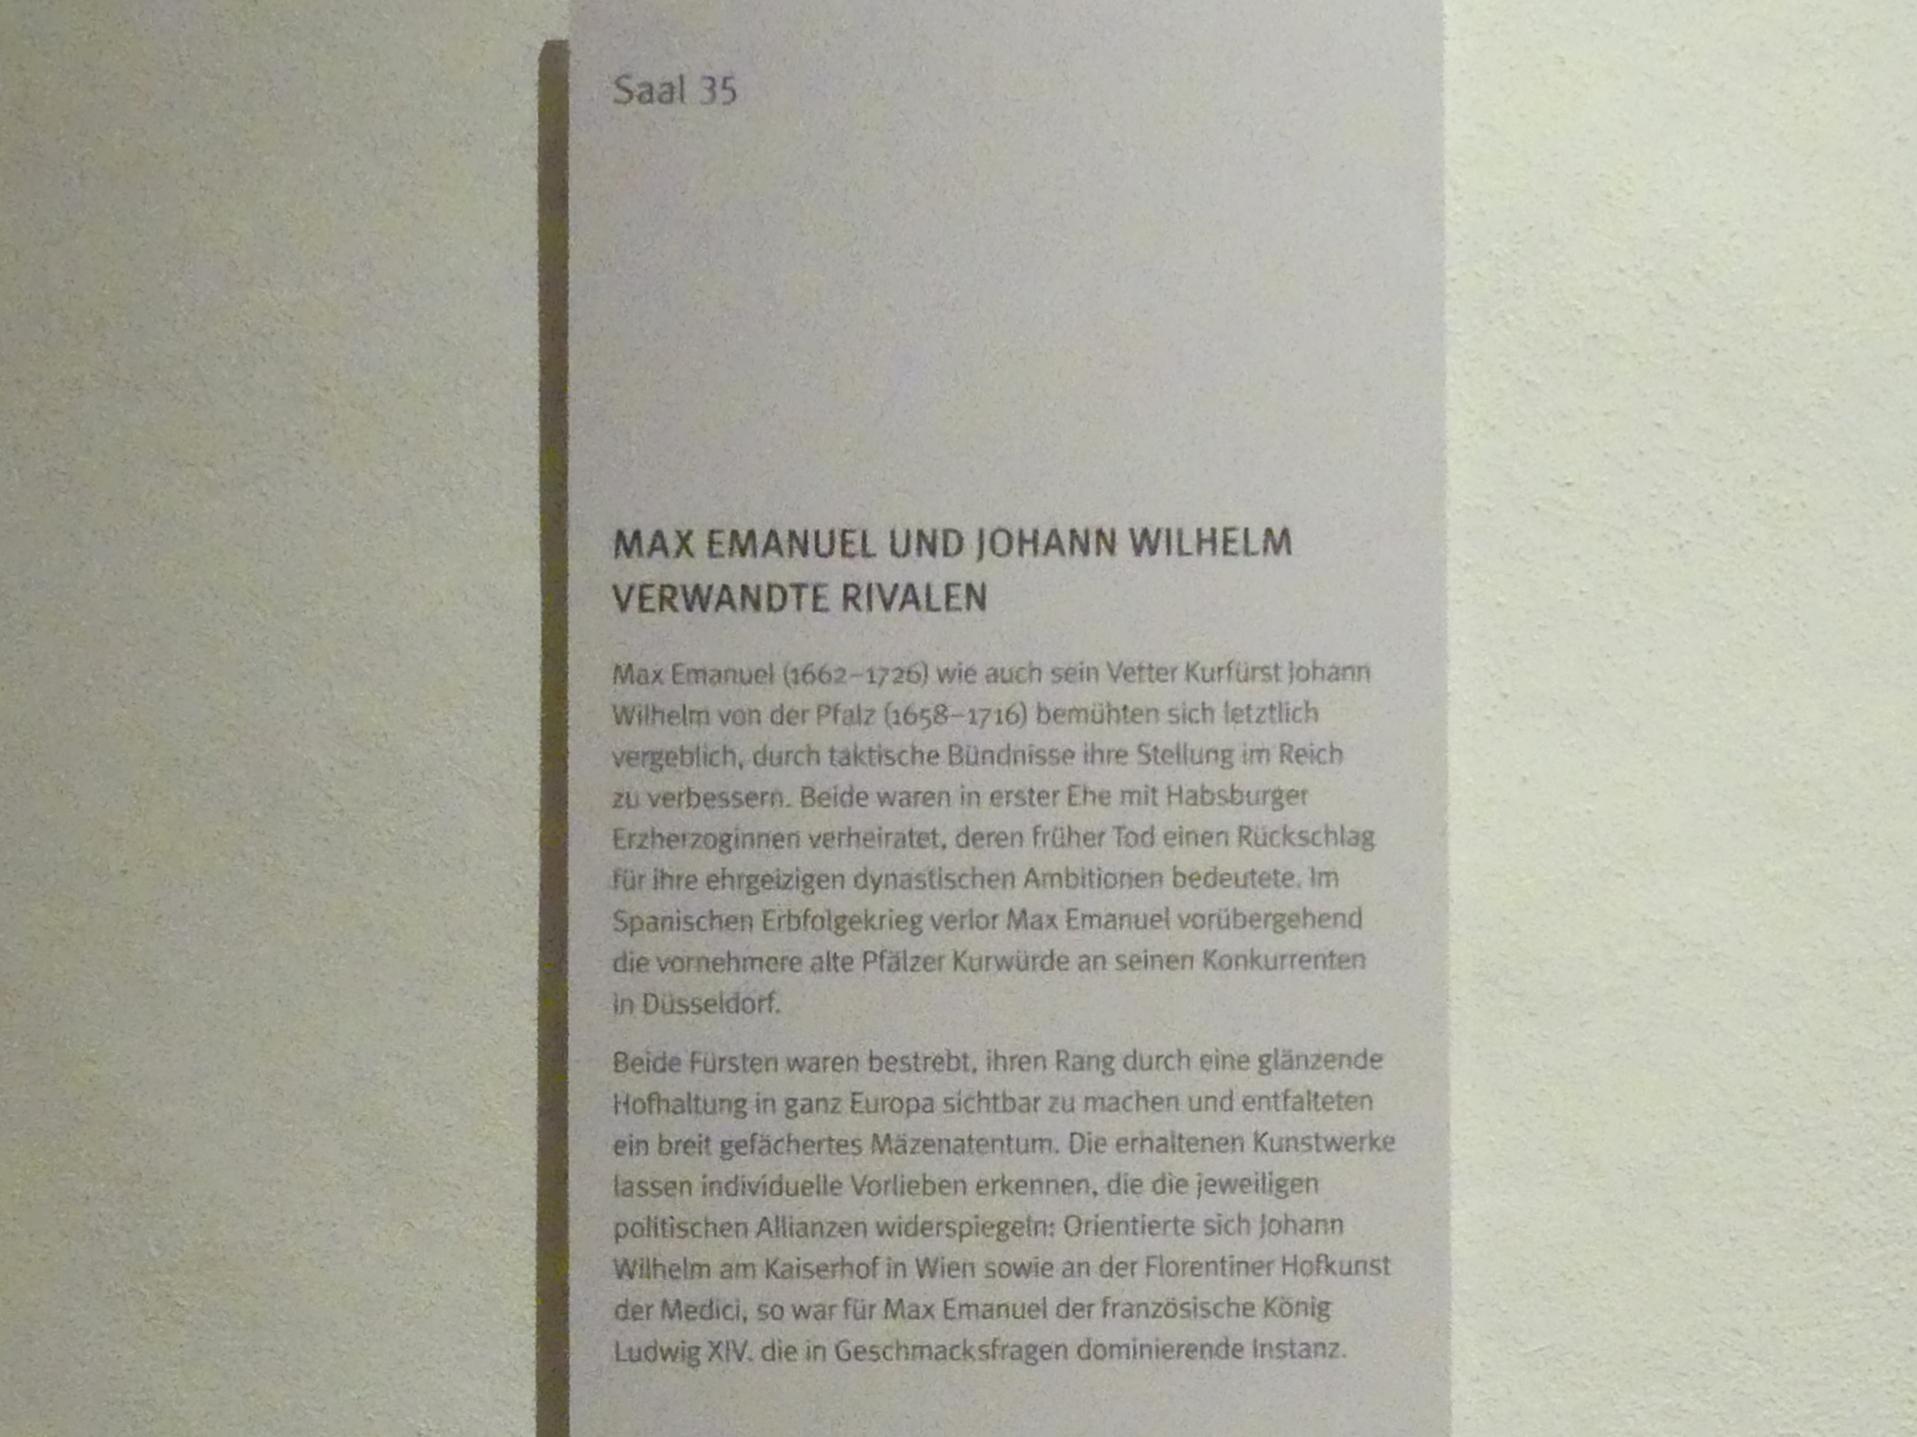 München, Bayerisches Nationalmuseum, Saal 35, Bild 5/5